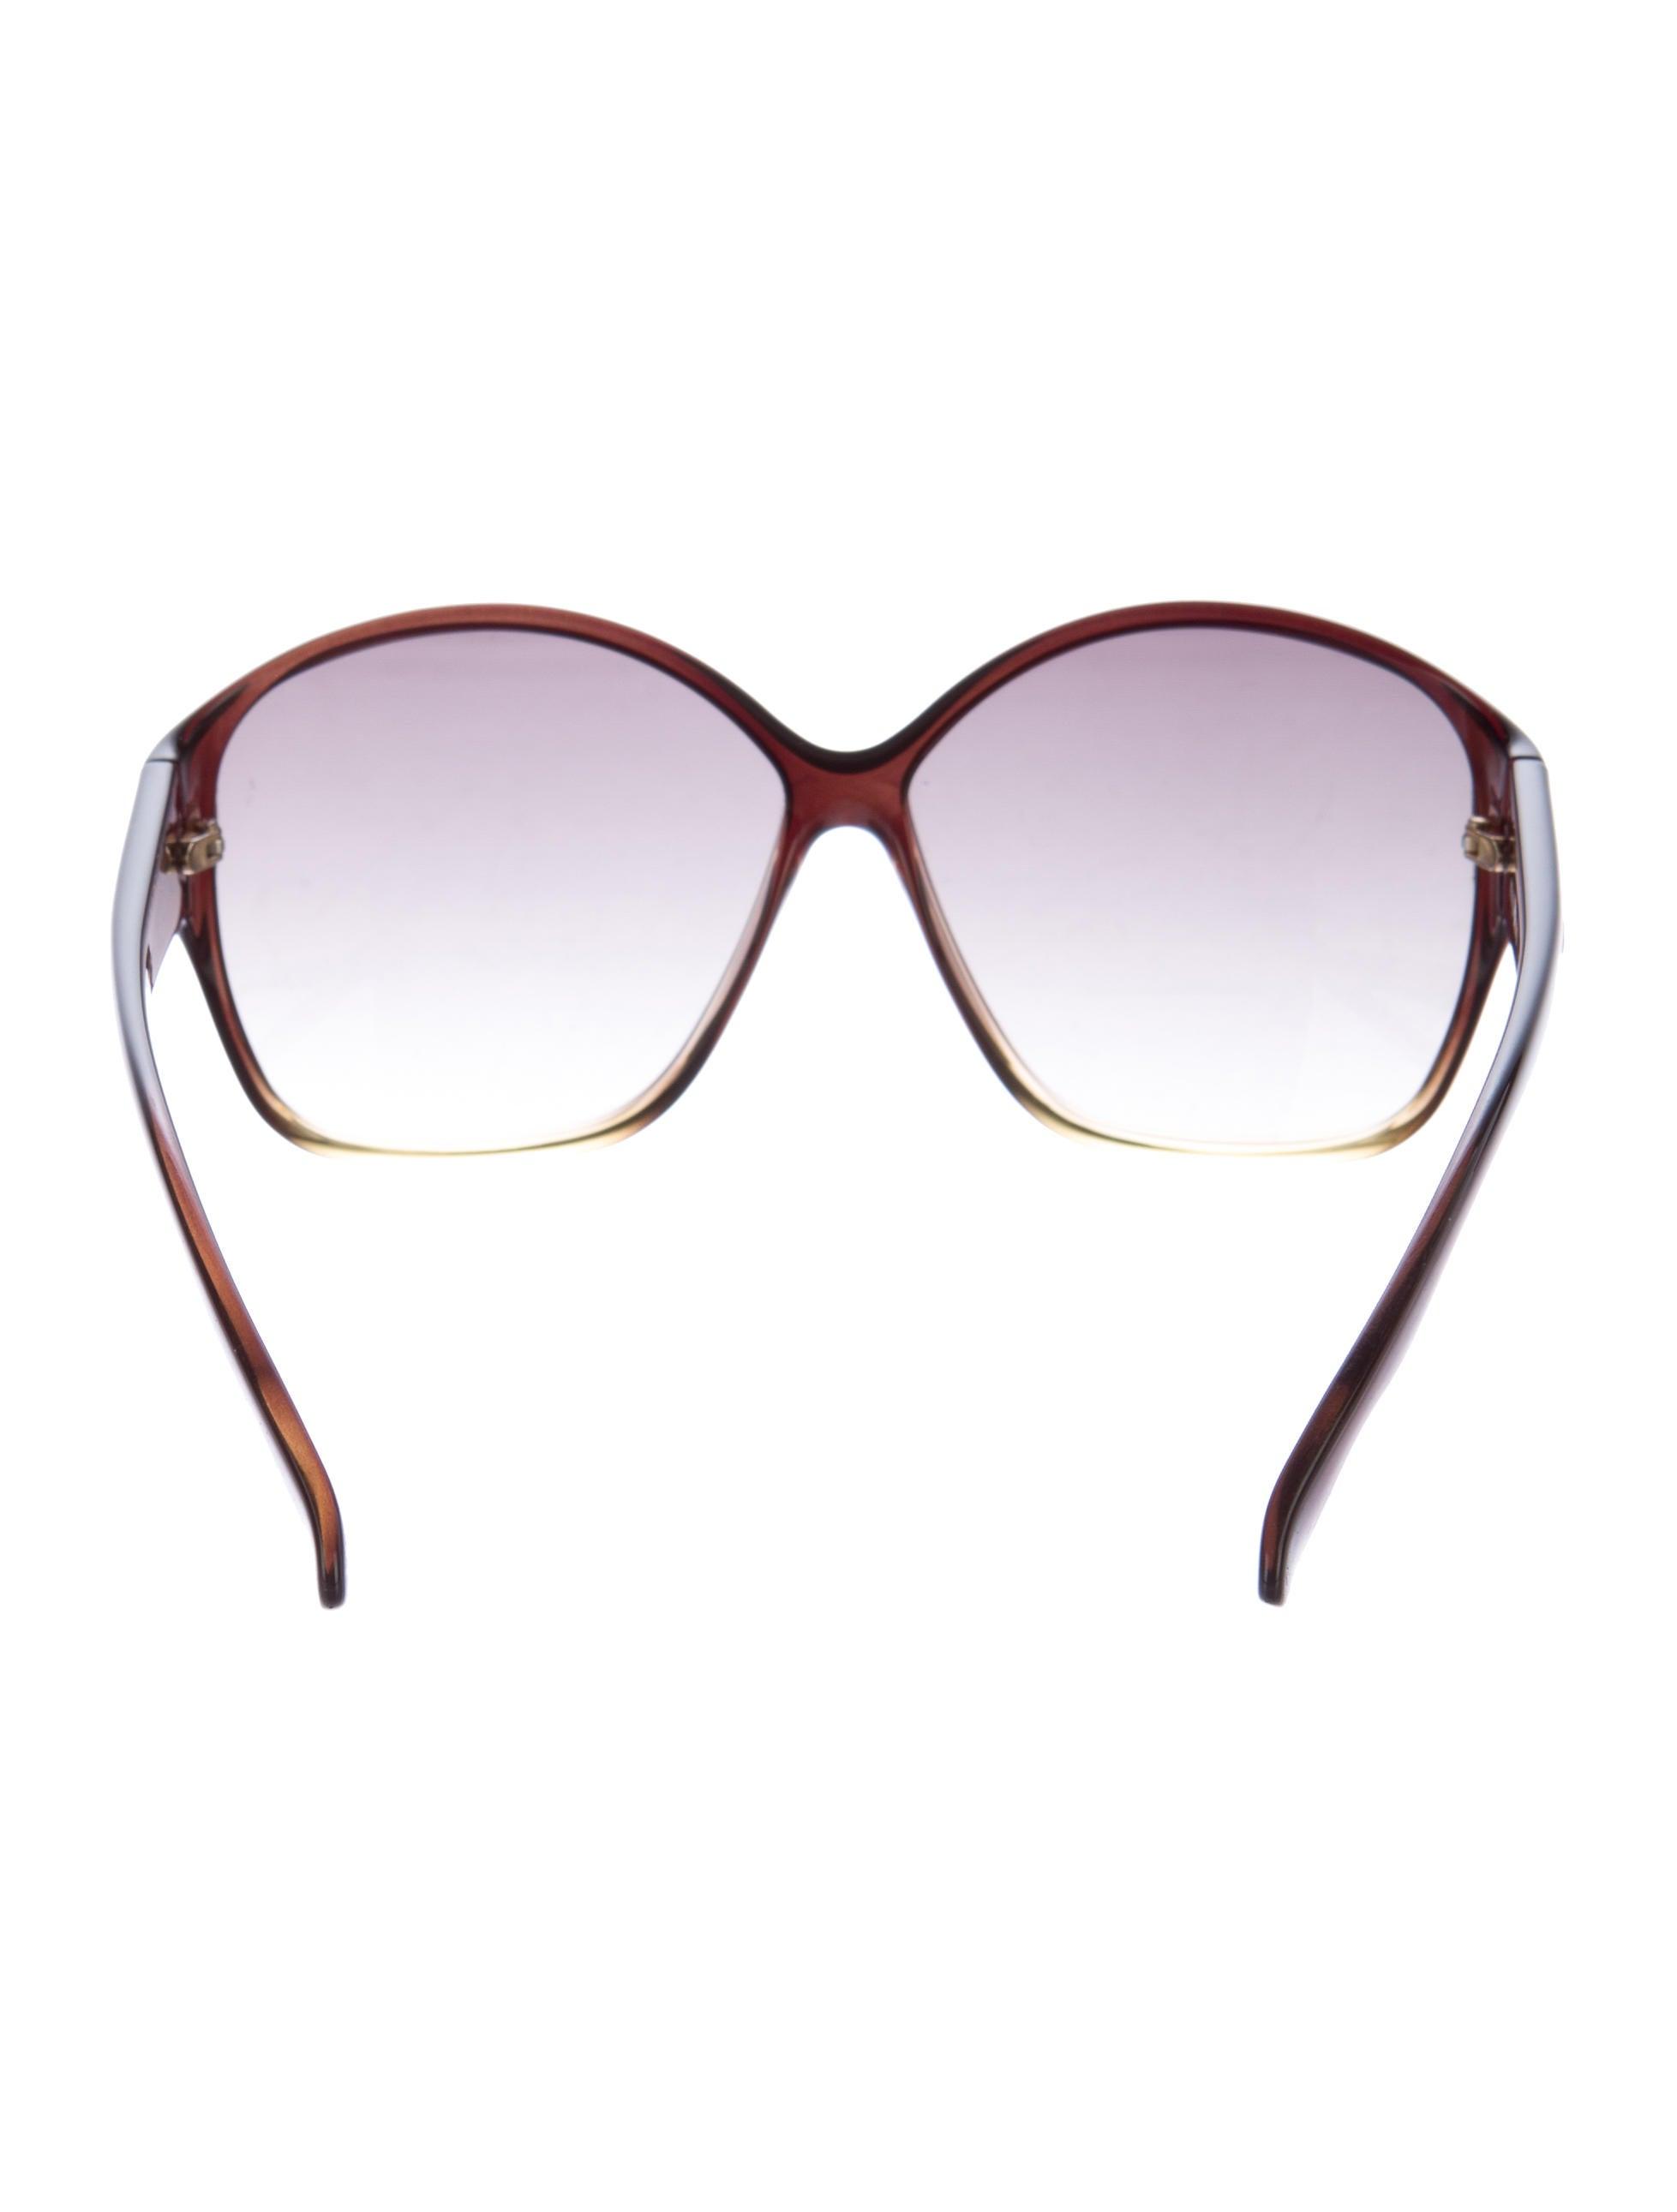 Miu Miu Butterfly 52mm Acetate Frame Sunglasses   David Simchi-Levi a728056e29